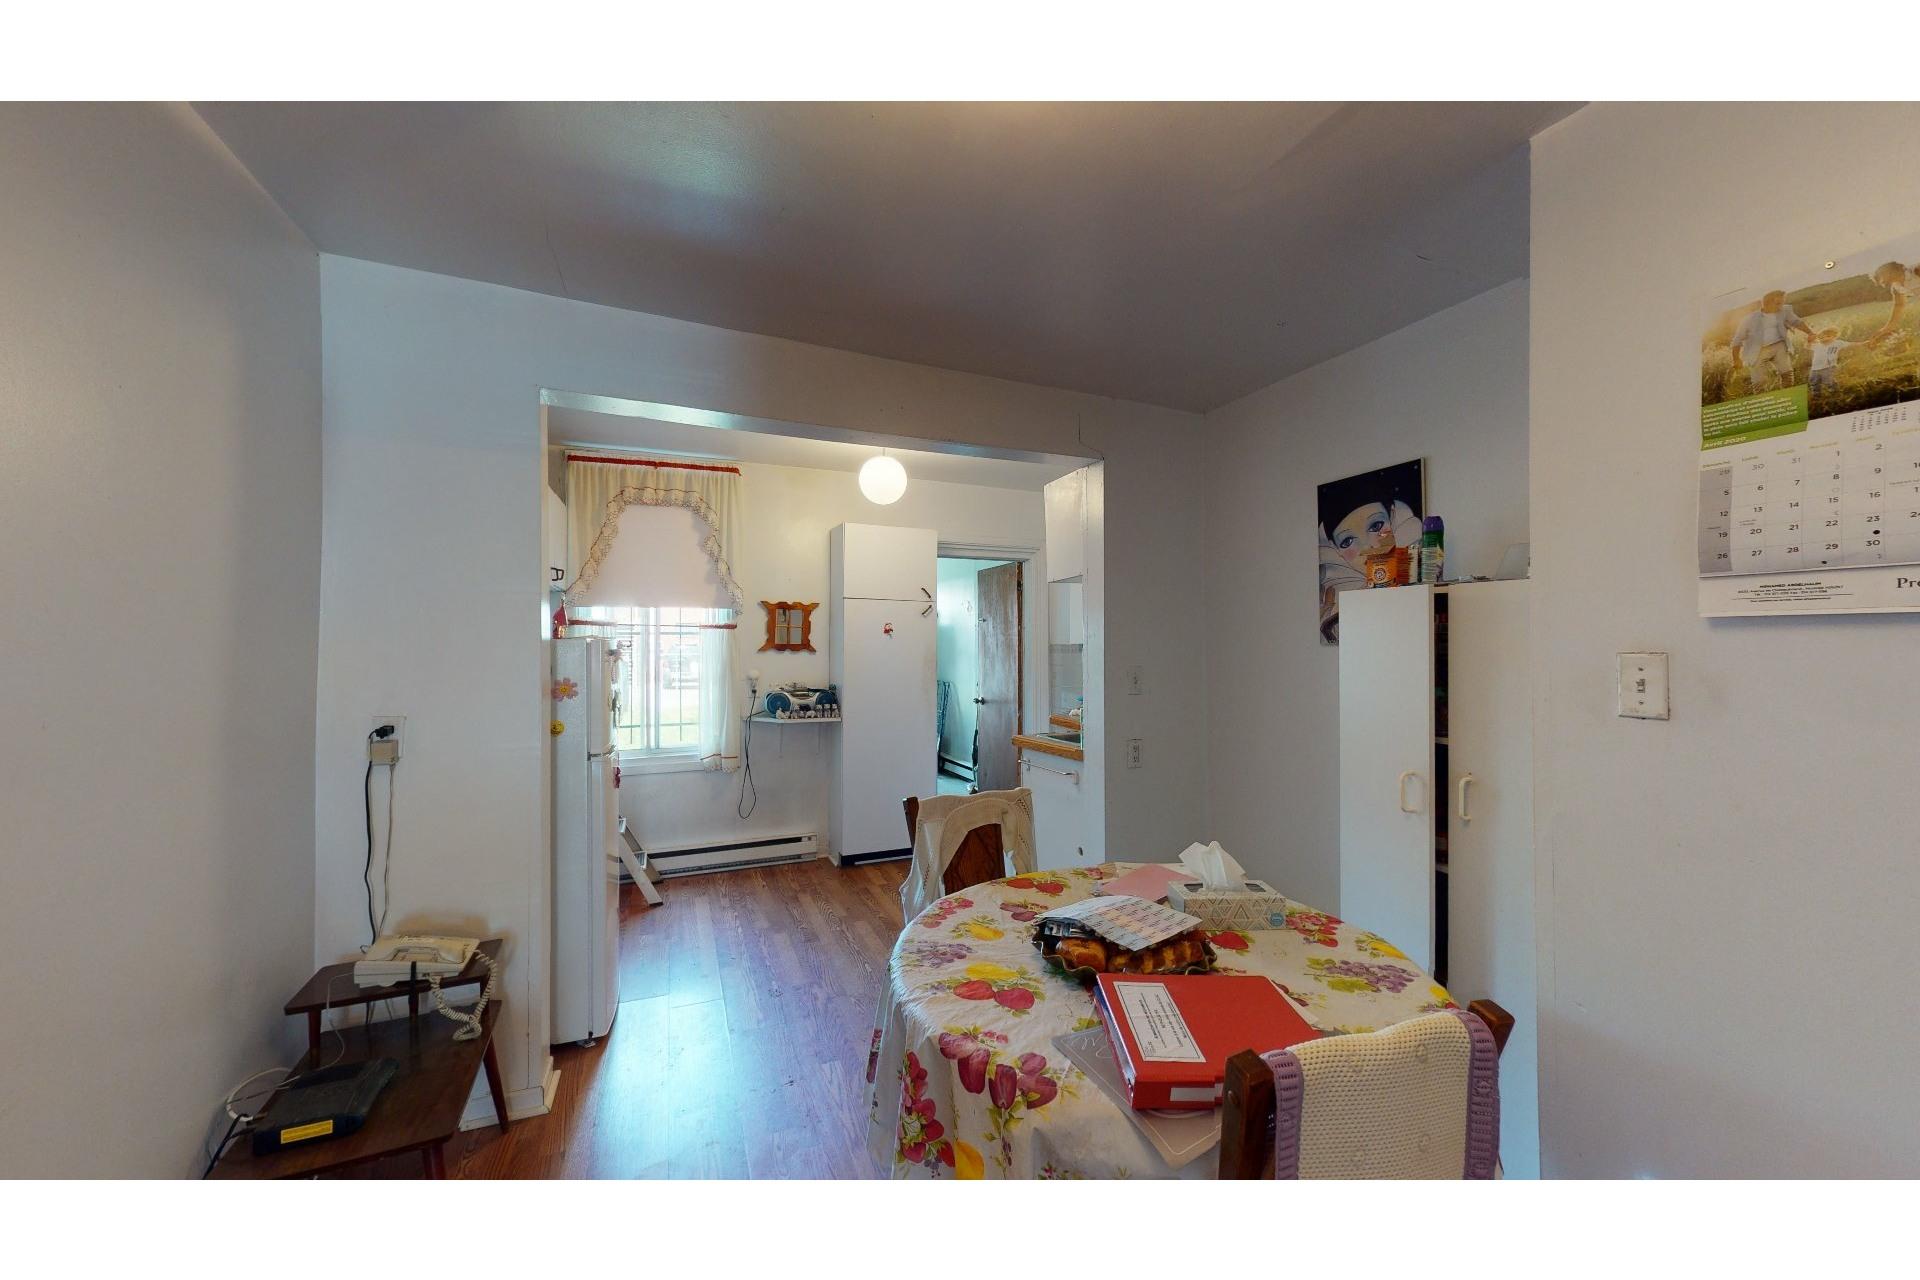 image 10 - Duplex À vendre Rosemont/La Petite-Patrie Montréal  - 4 pièces